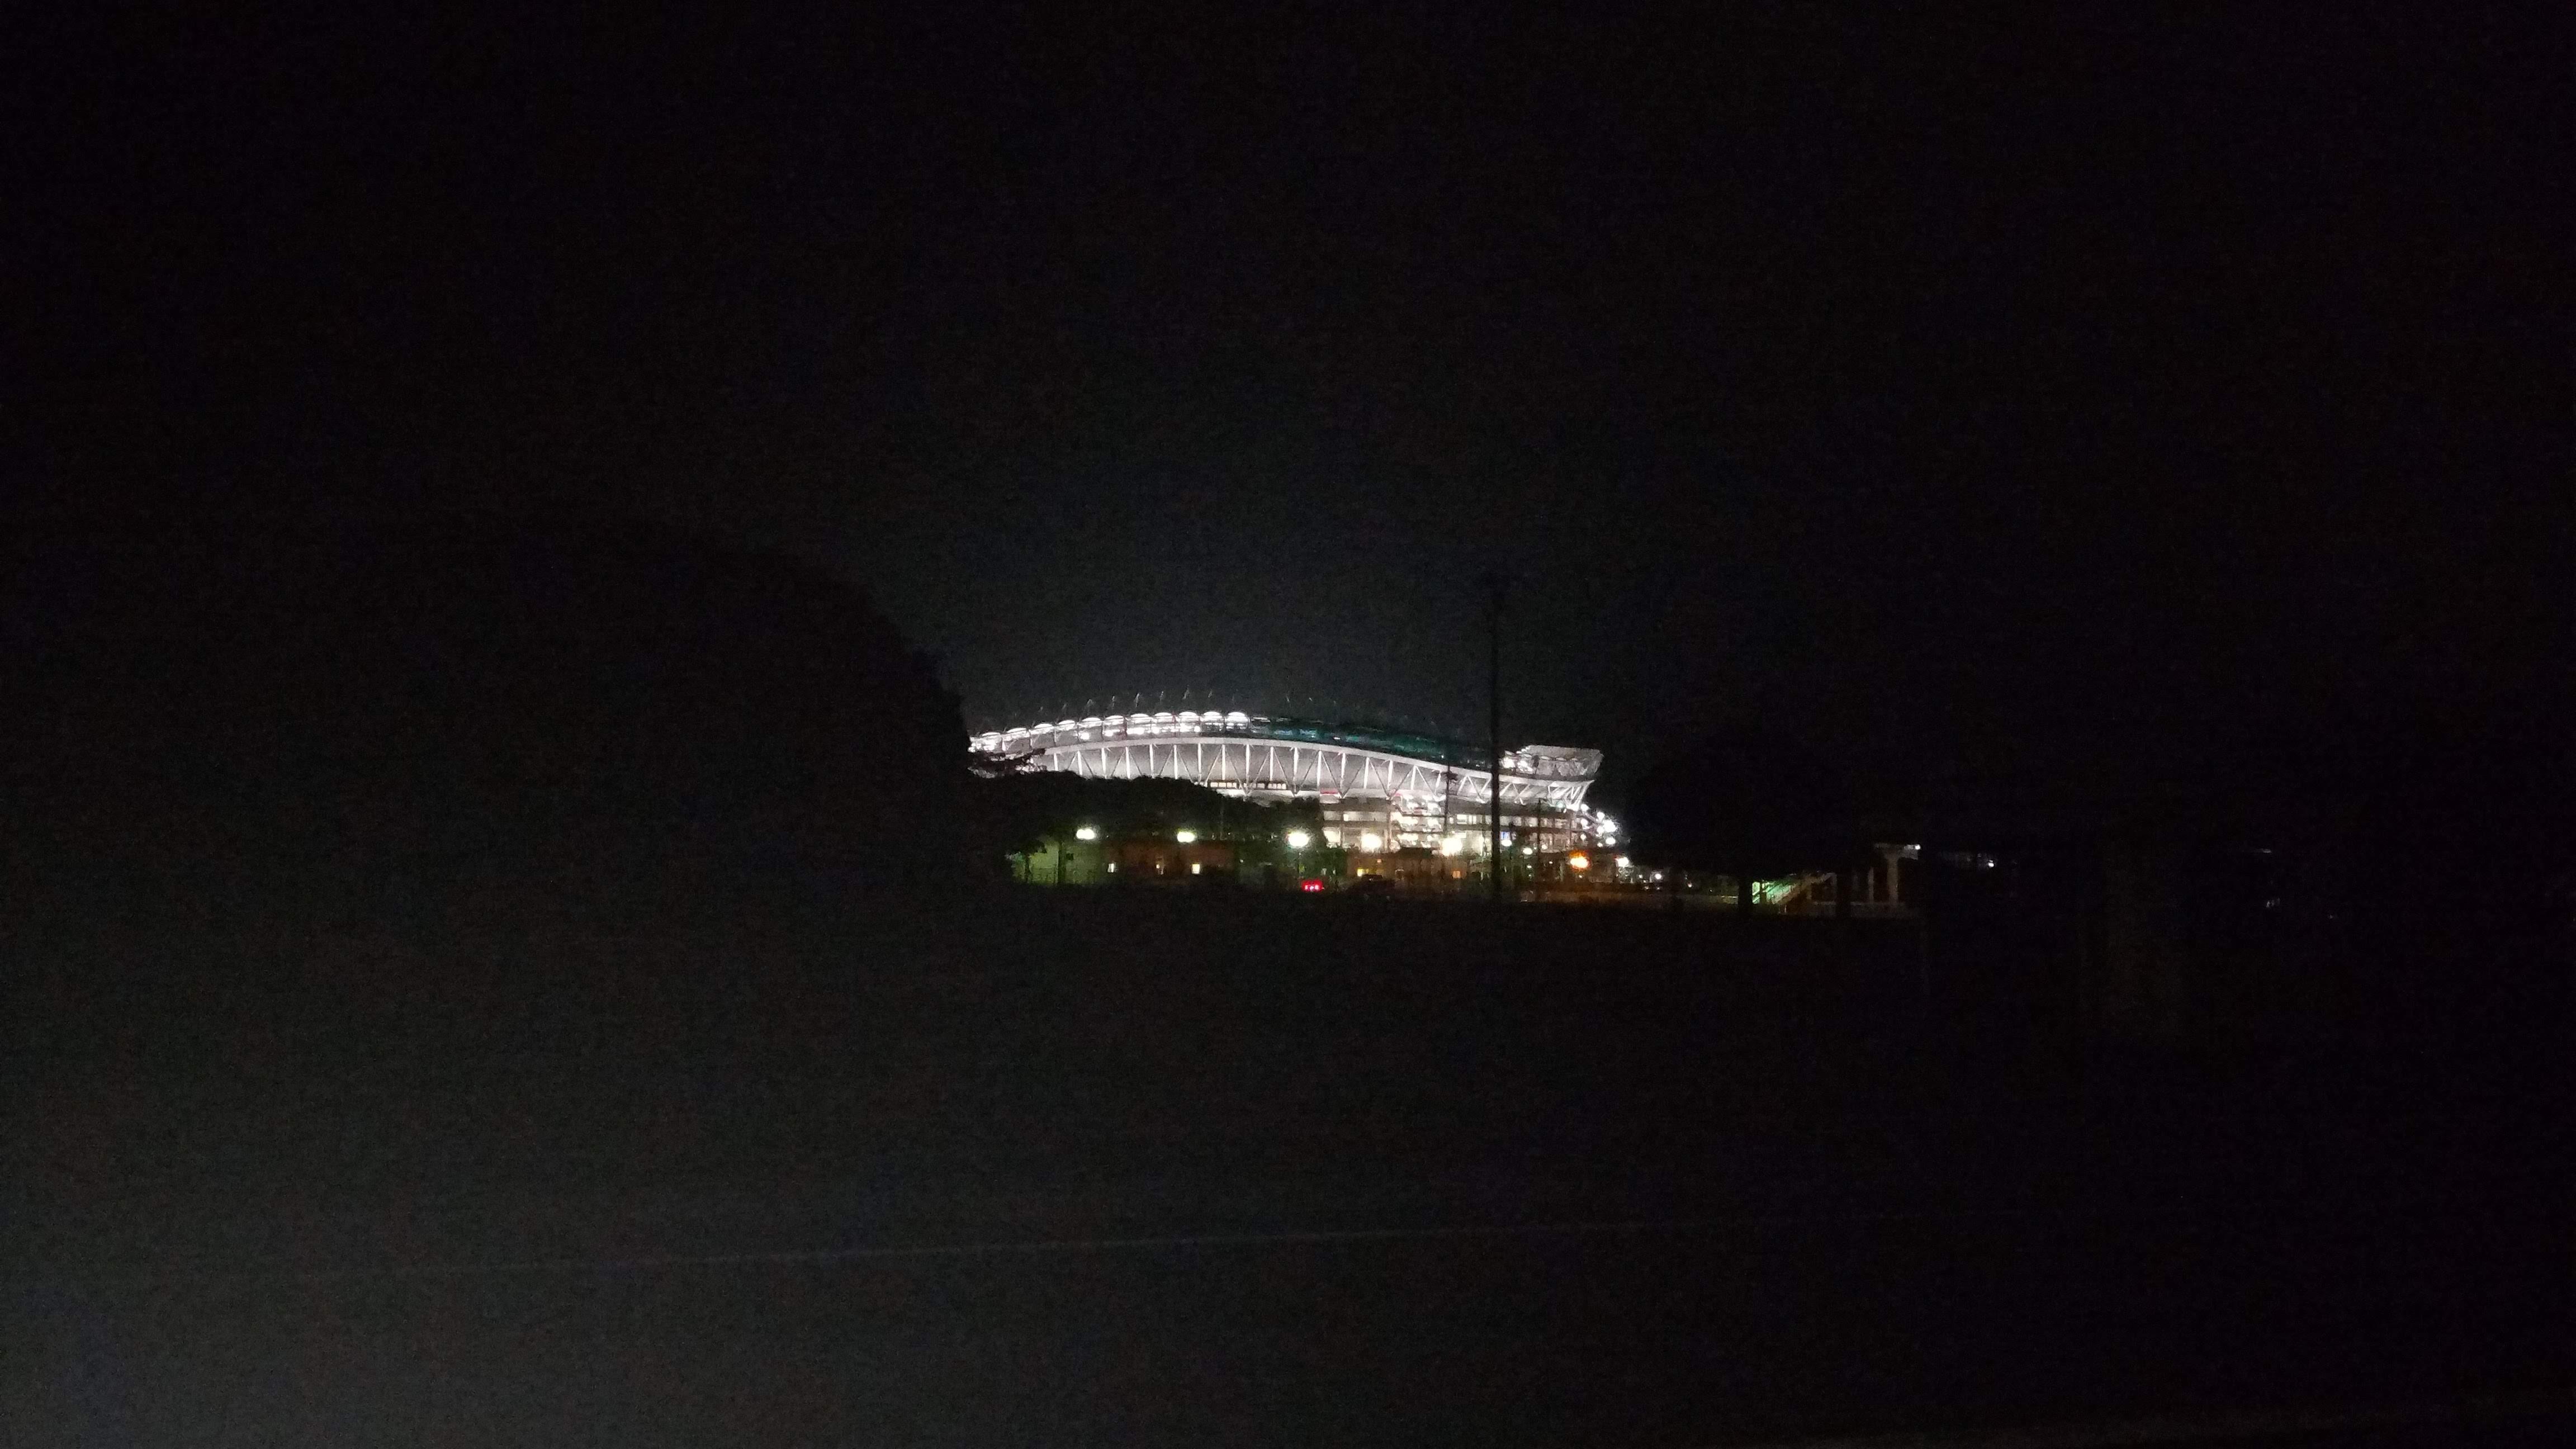 23時のカシマサッカースタジアム